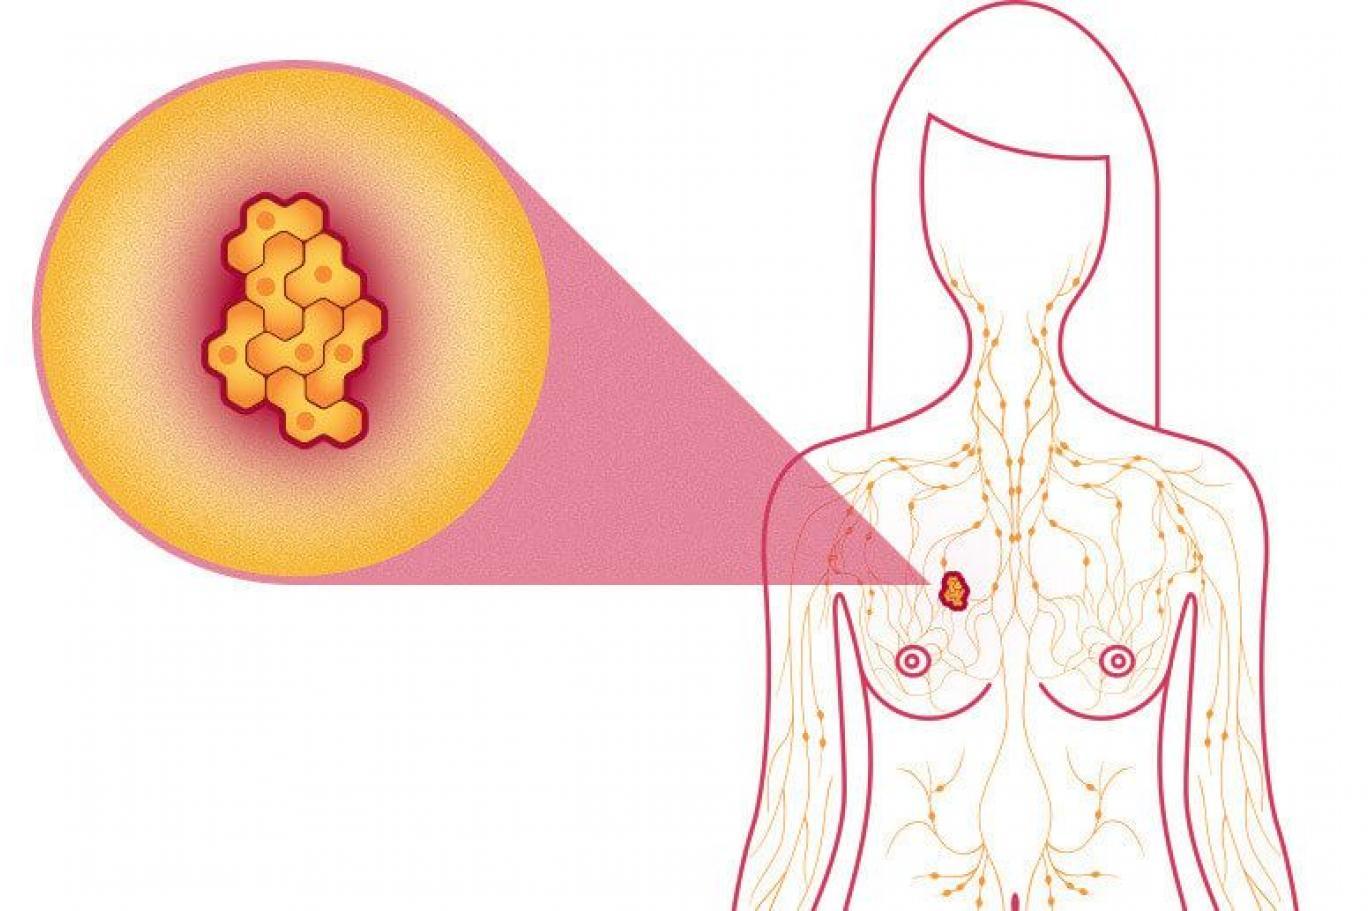 الوقاية من سرطان الثدي واهم النصائح للسيطرة علي سرطان الثدي